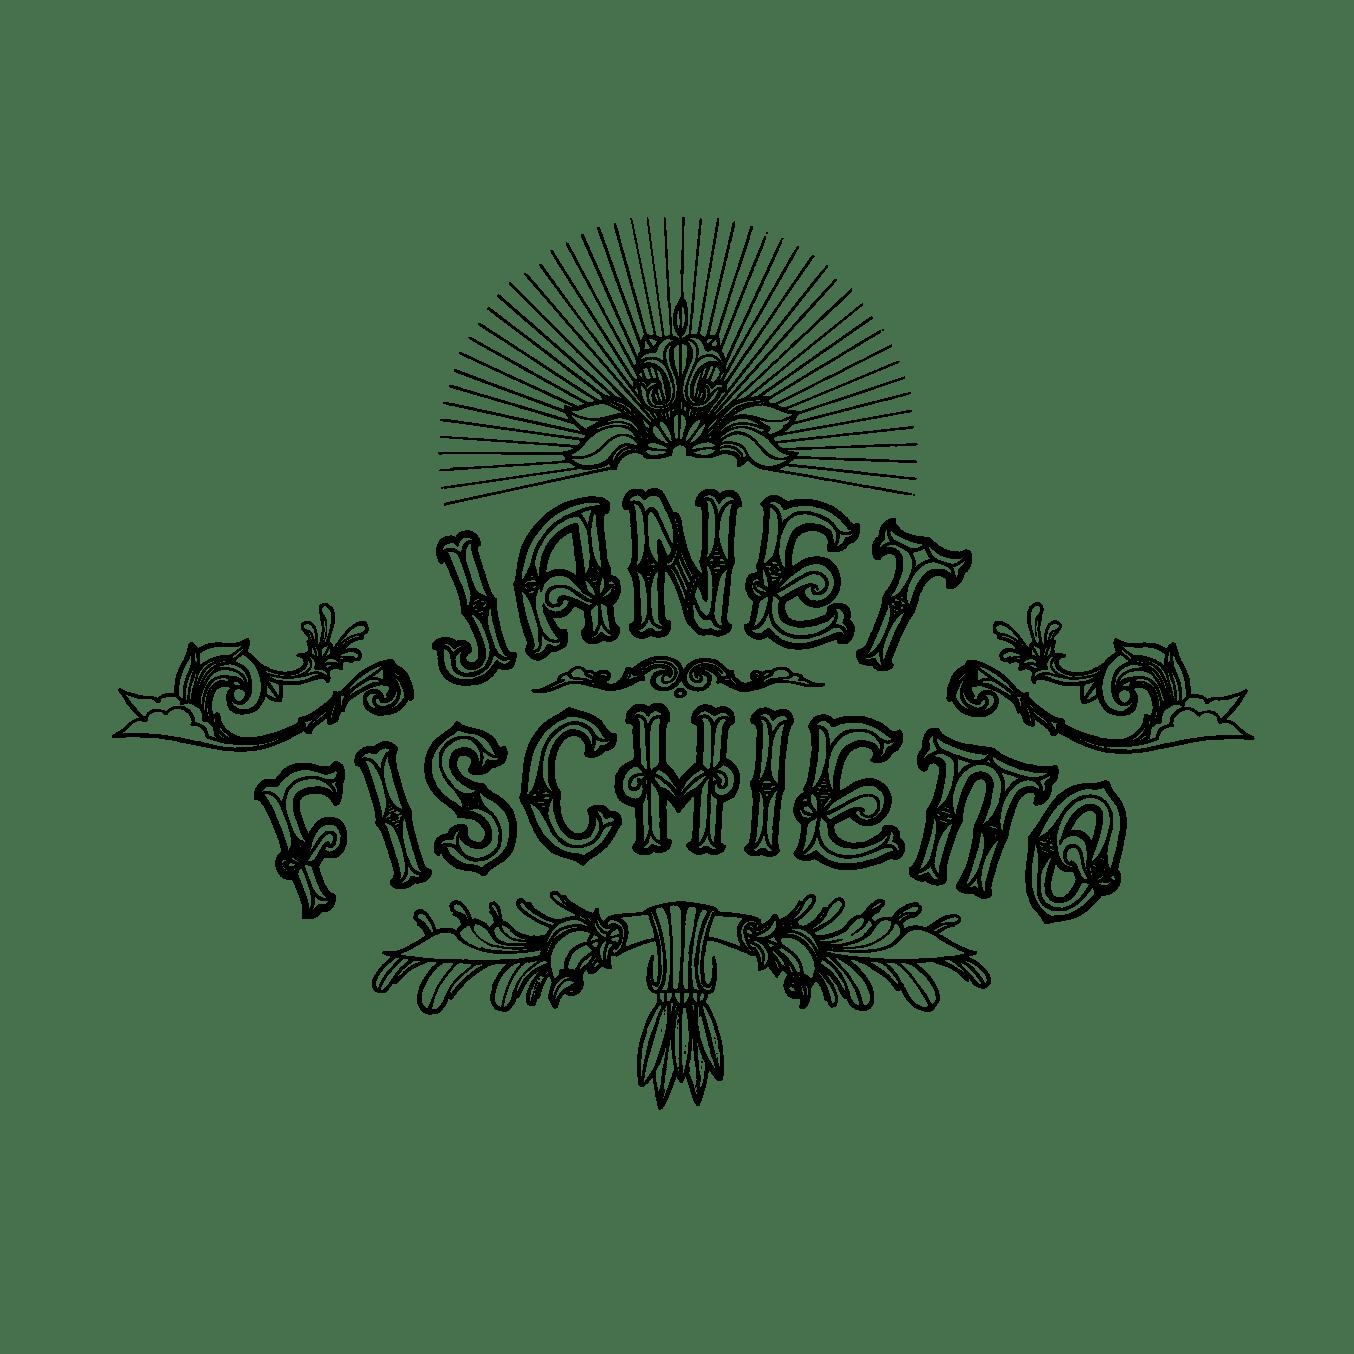 Janet Fischietto